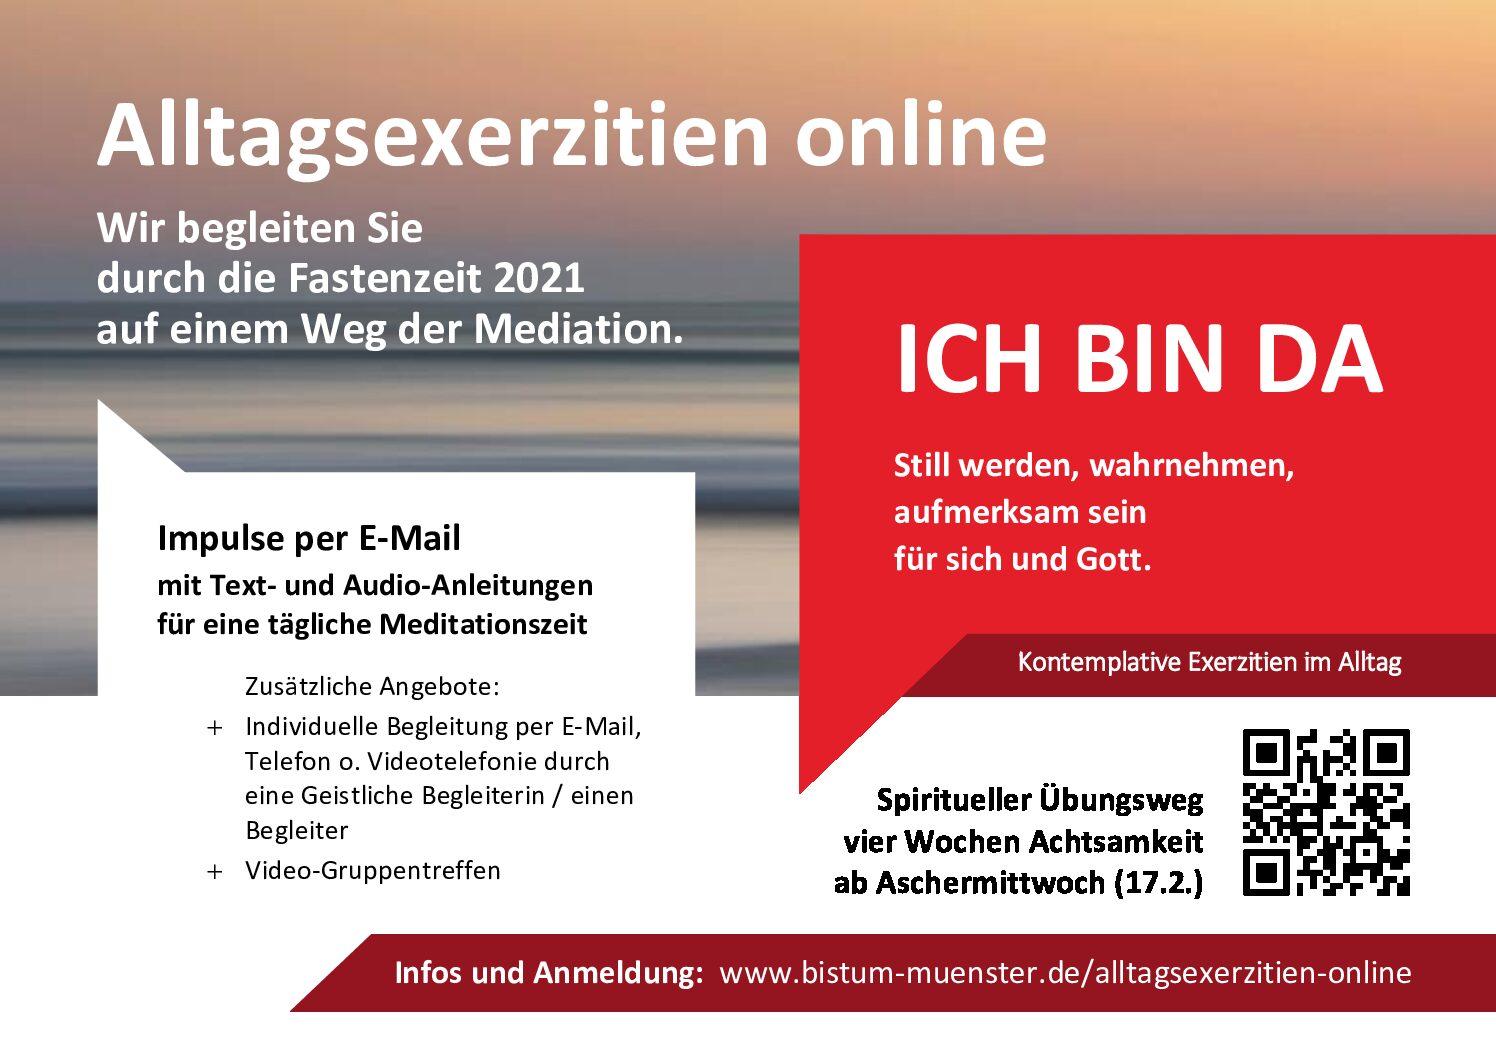 Mit Meditation durch die Fastenzeit – Alltagsexerzitien online 'Ich bin da'